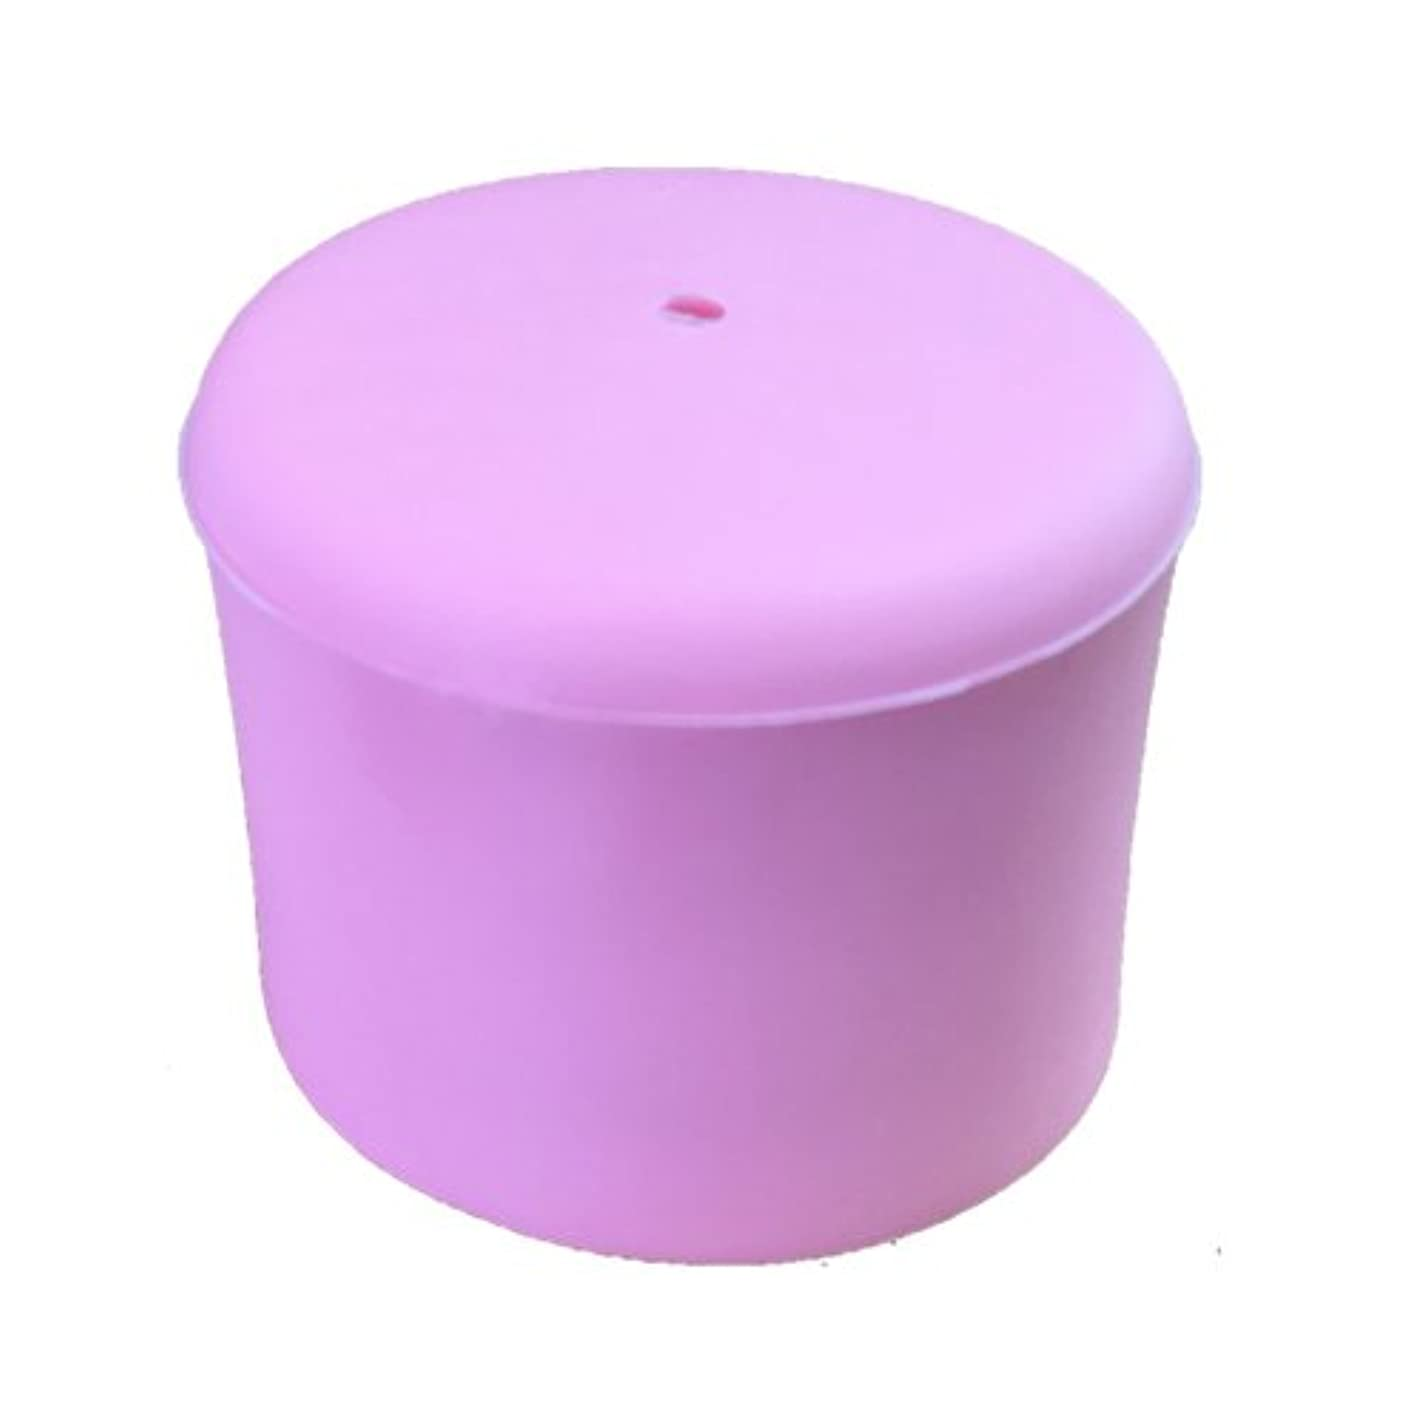 説明するバンガローむさぼり食うNEWフェイシャルリフトアトワンス(ピンク)マウスカバー3個組